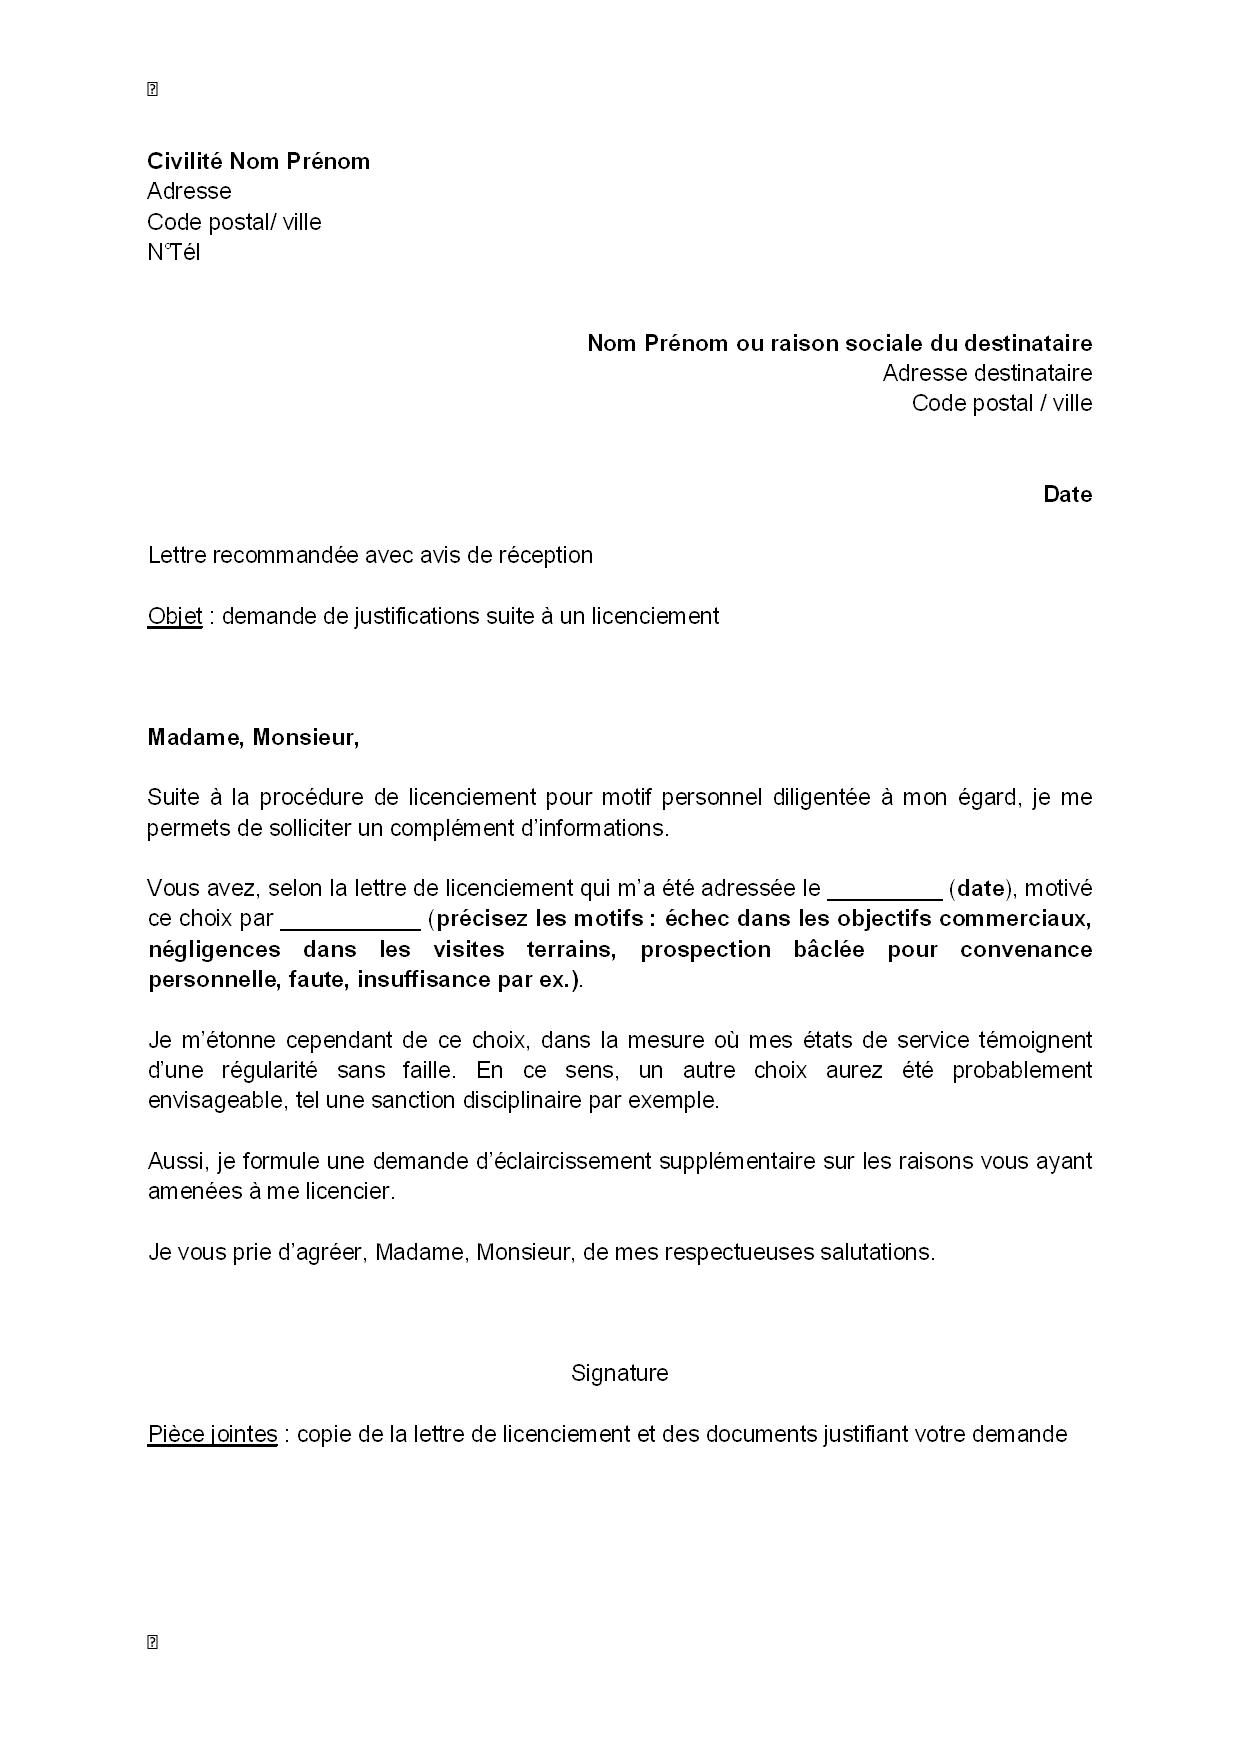 lettre de demande de justifications suite  u00e0 un licenciement